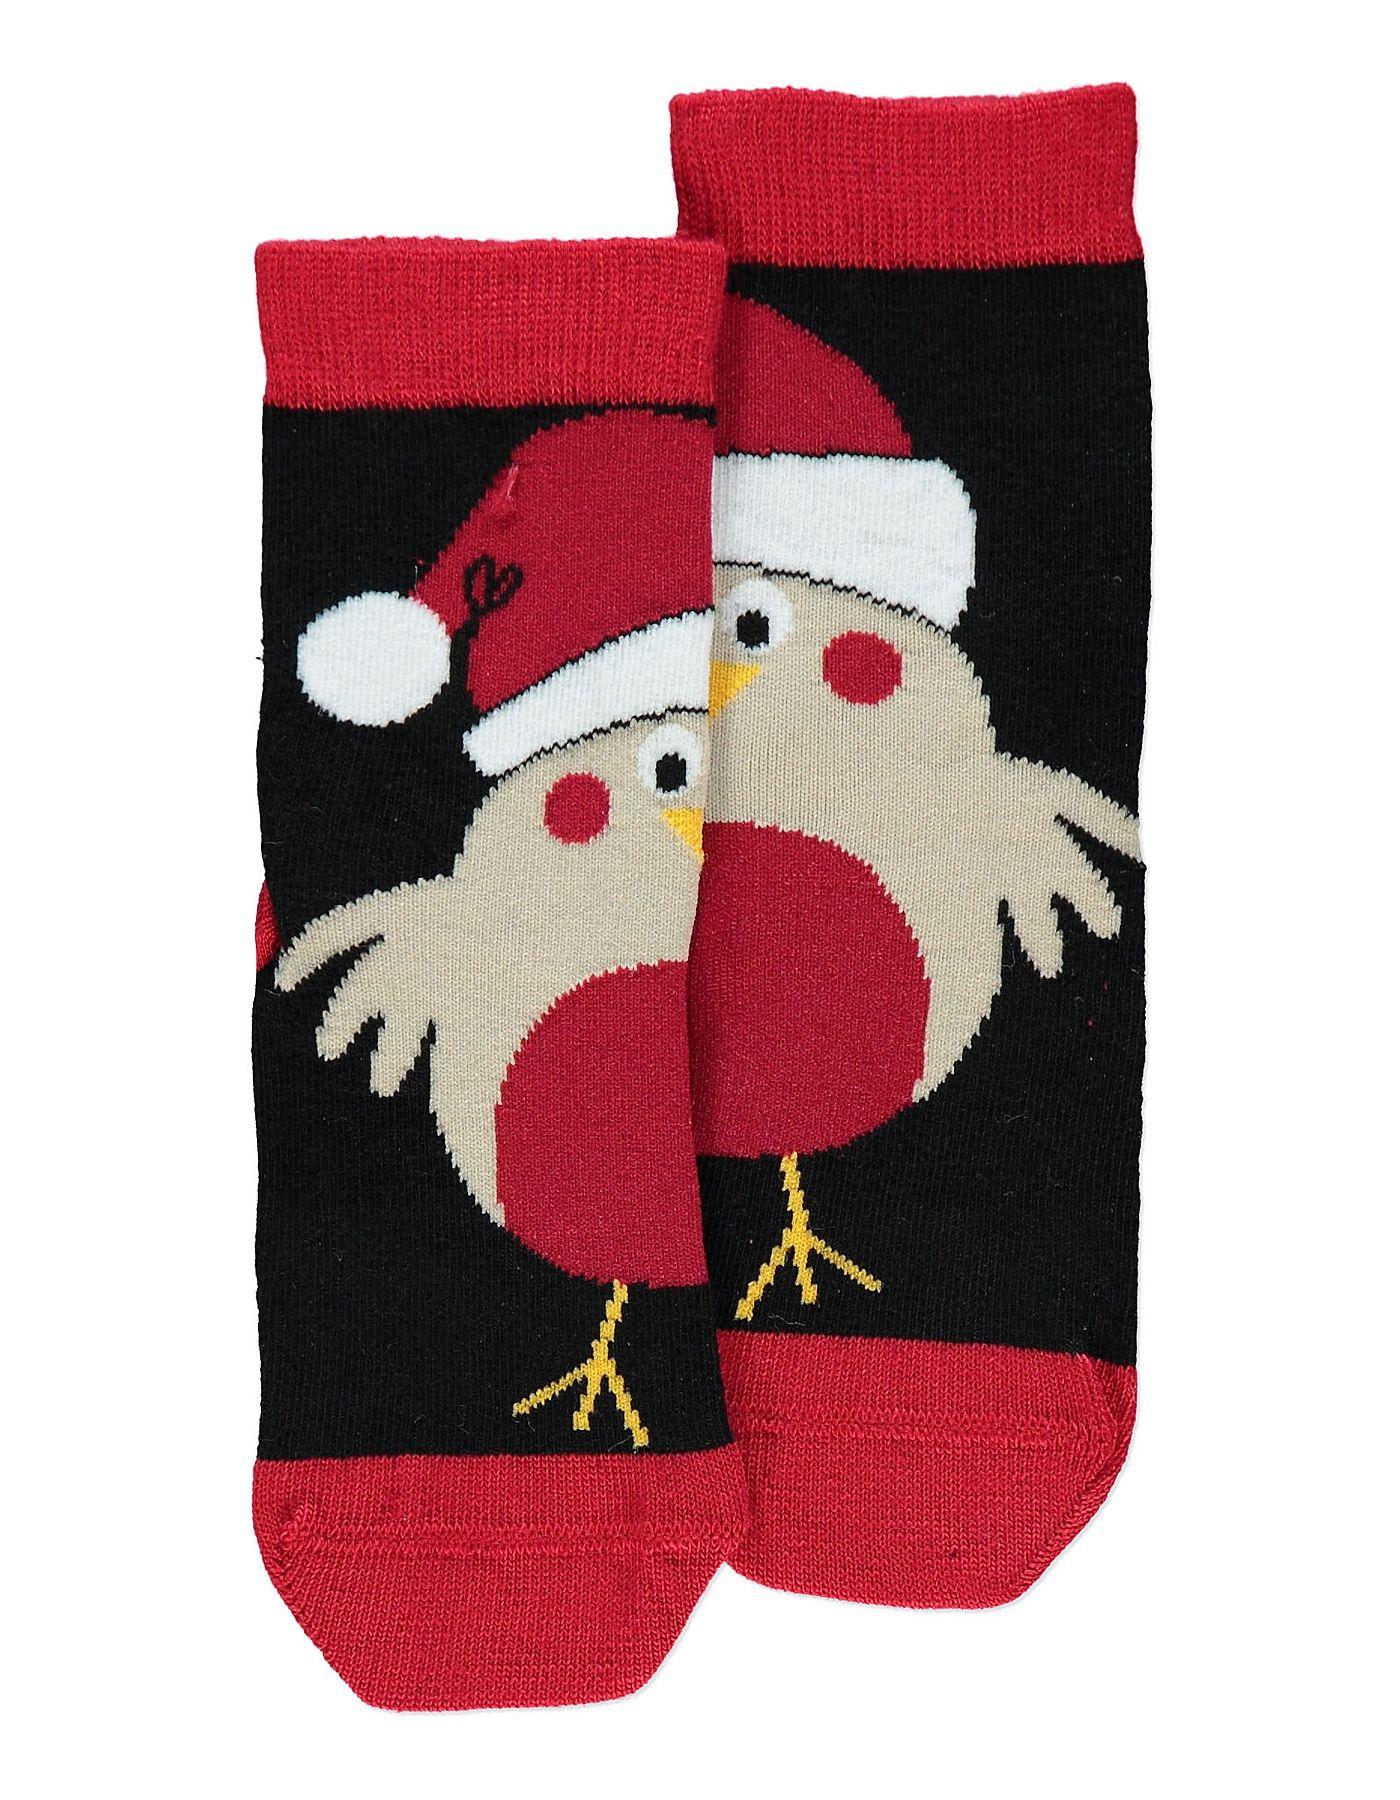 1 Pack Christmas Robin Socks boys kids infant toddler baby